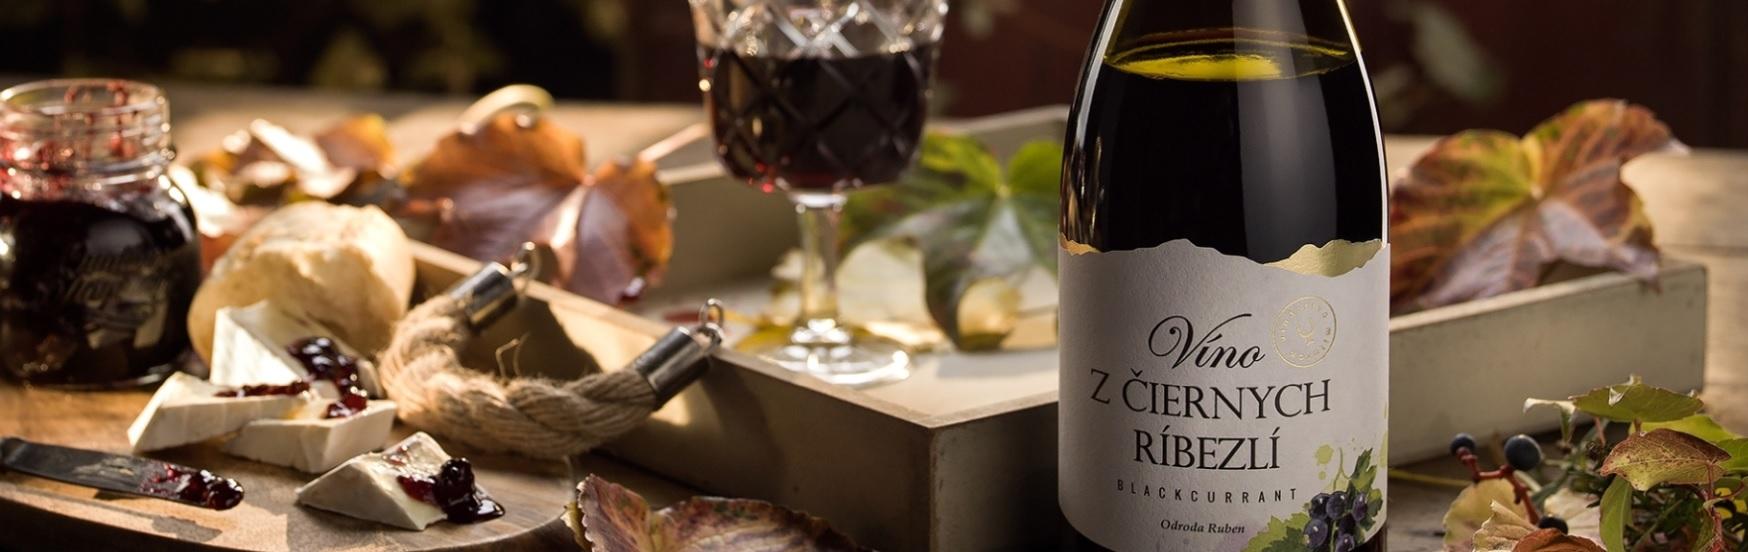 Ovocné víno ve světové kvalitě